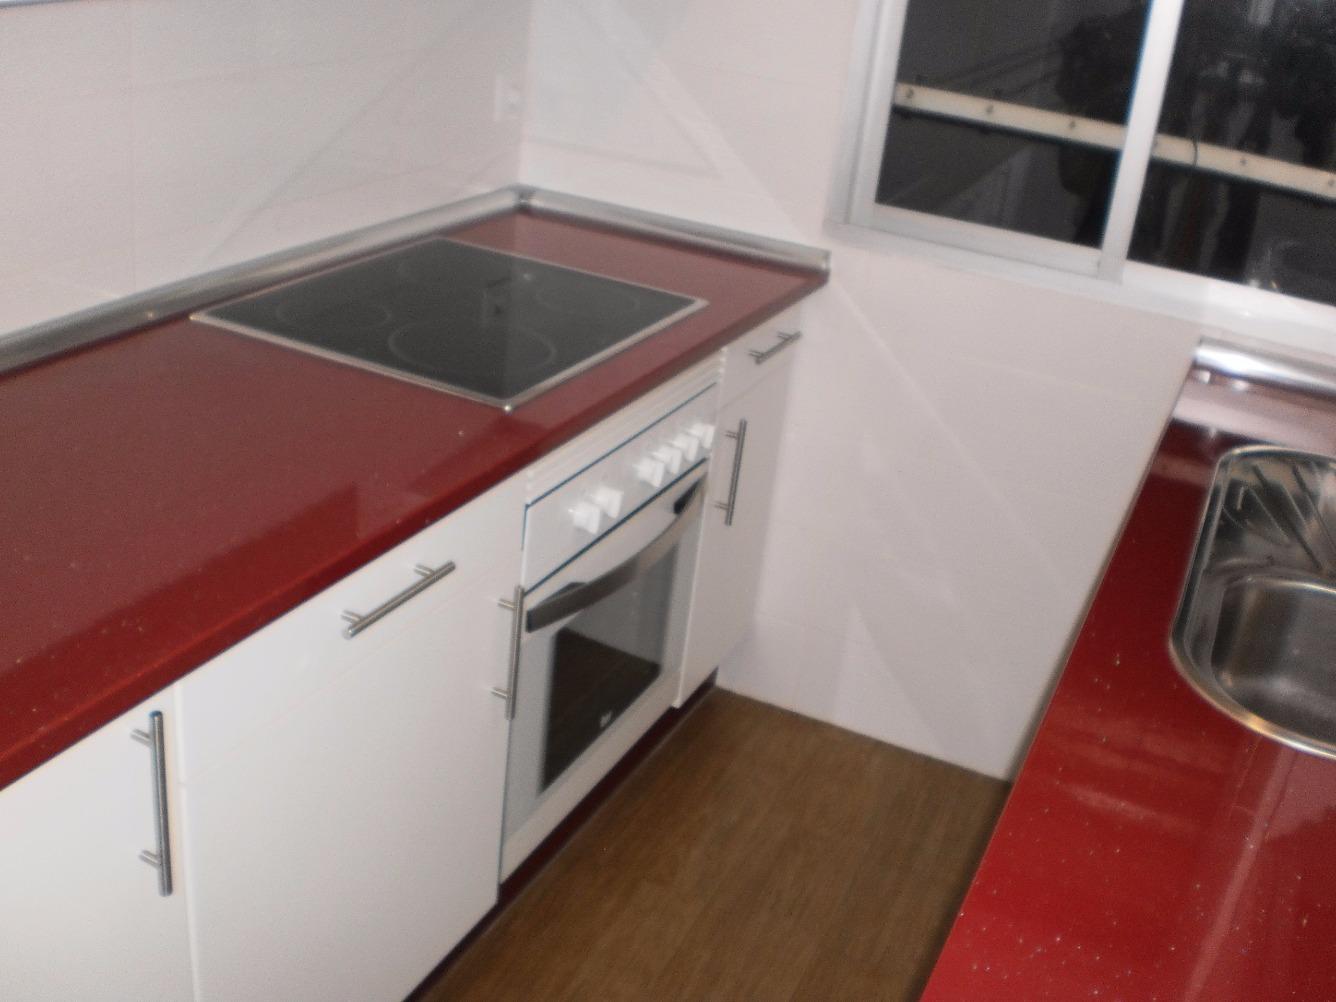 Pisos en alquiler piso alquiler alcal henares de segunda - Segunda mano pisos en alquiler madrid ...